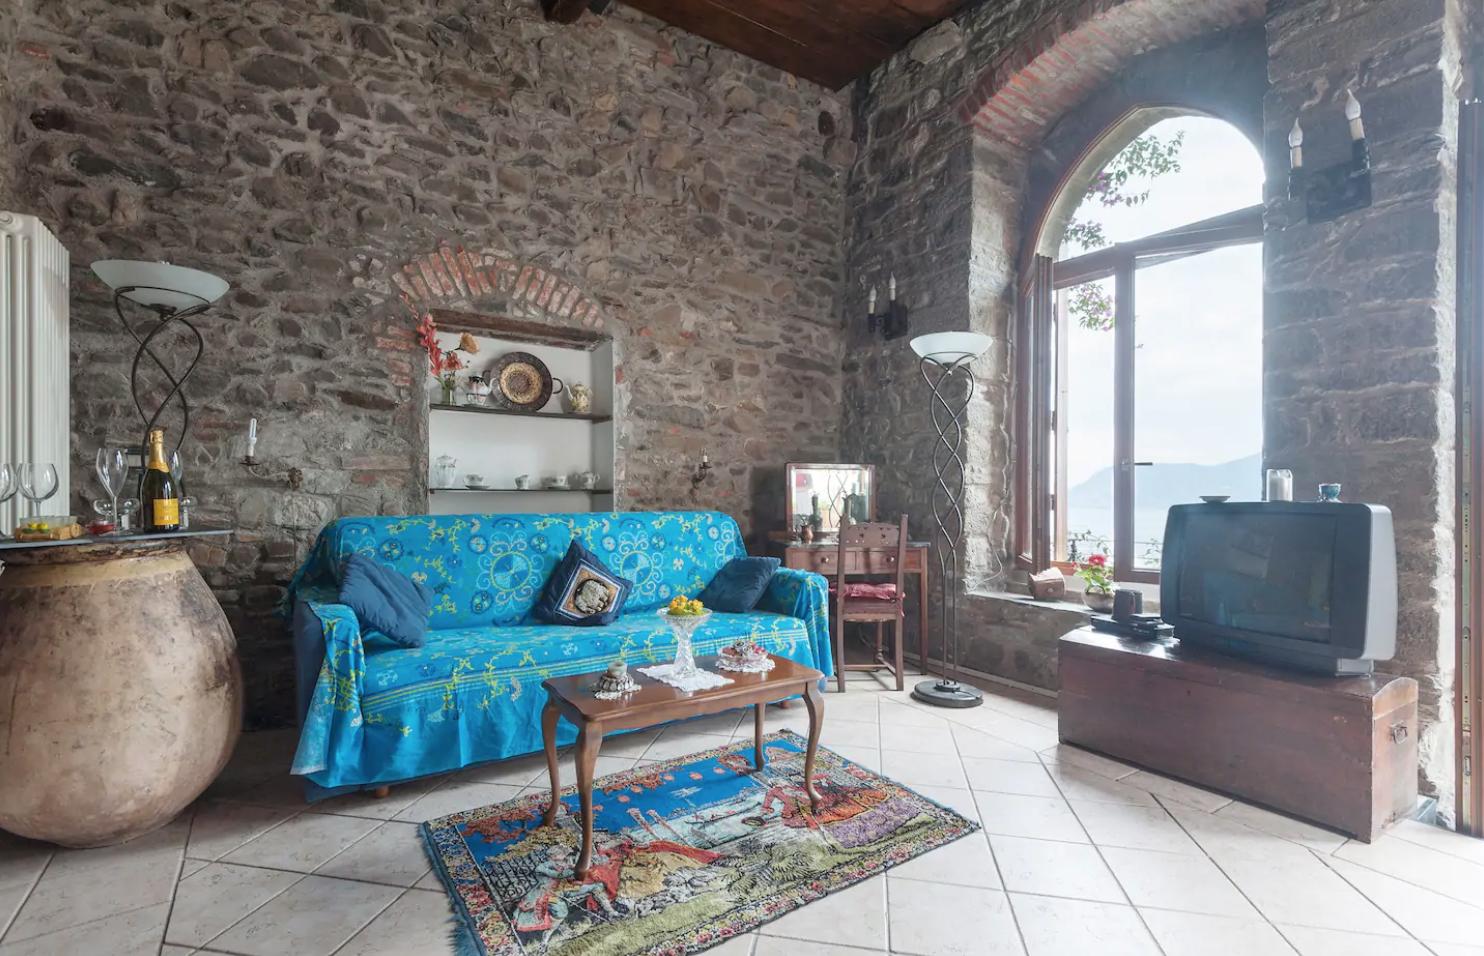 Thia airbnb in cinque terre has the original gothic arches